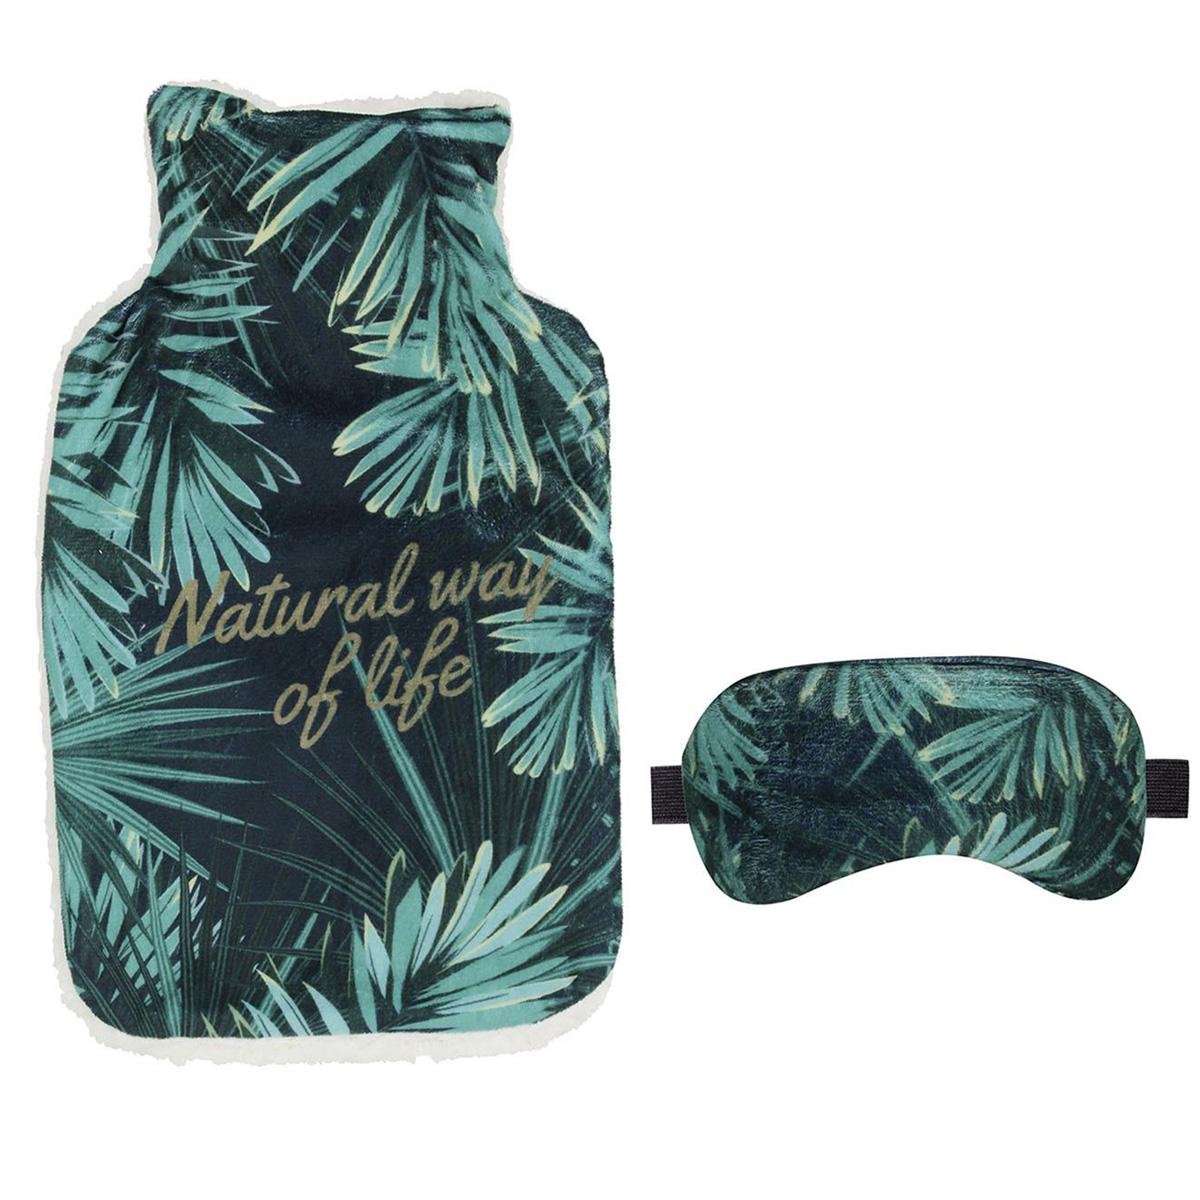 Bouillotte & masque \'Jungle\' (Natural way of life) - 345x21x45 (2L) - [Q3843]